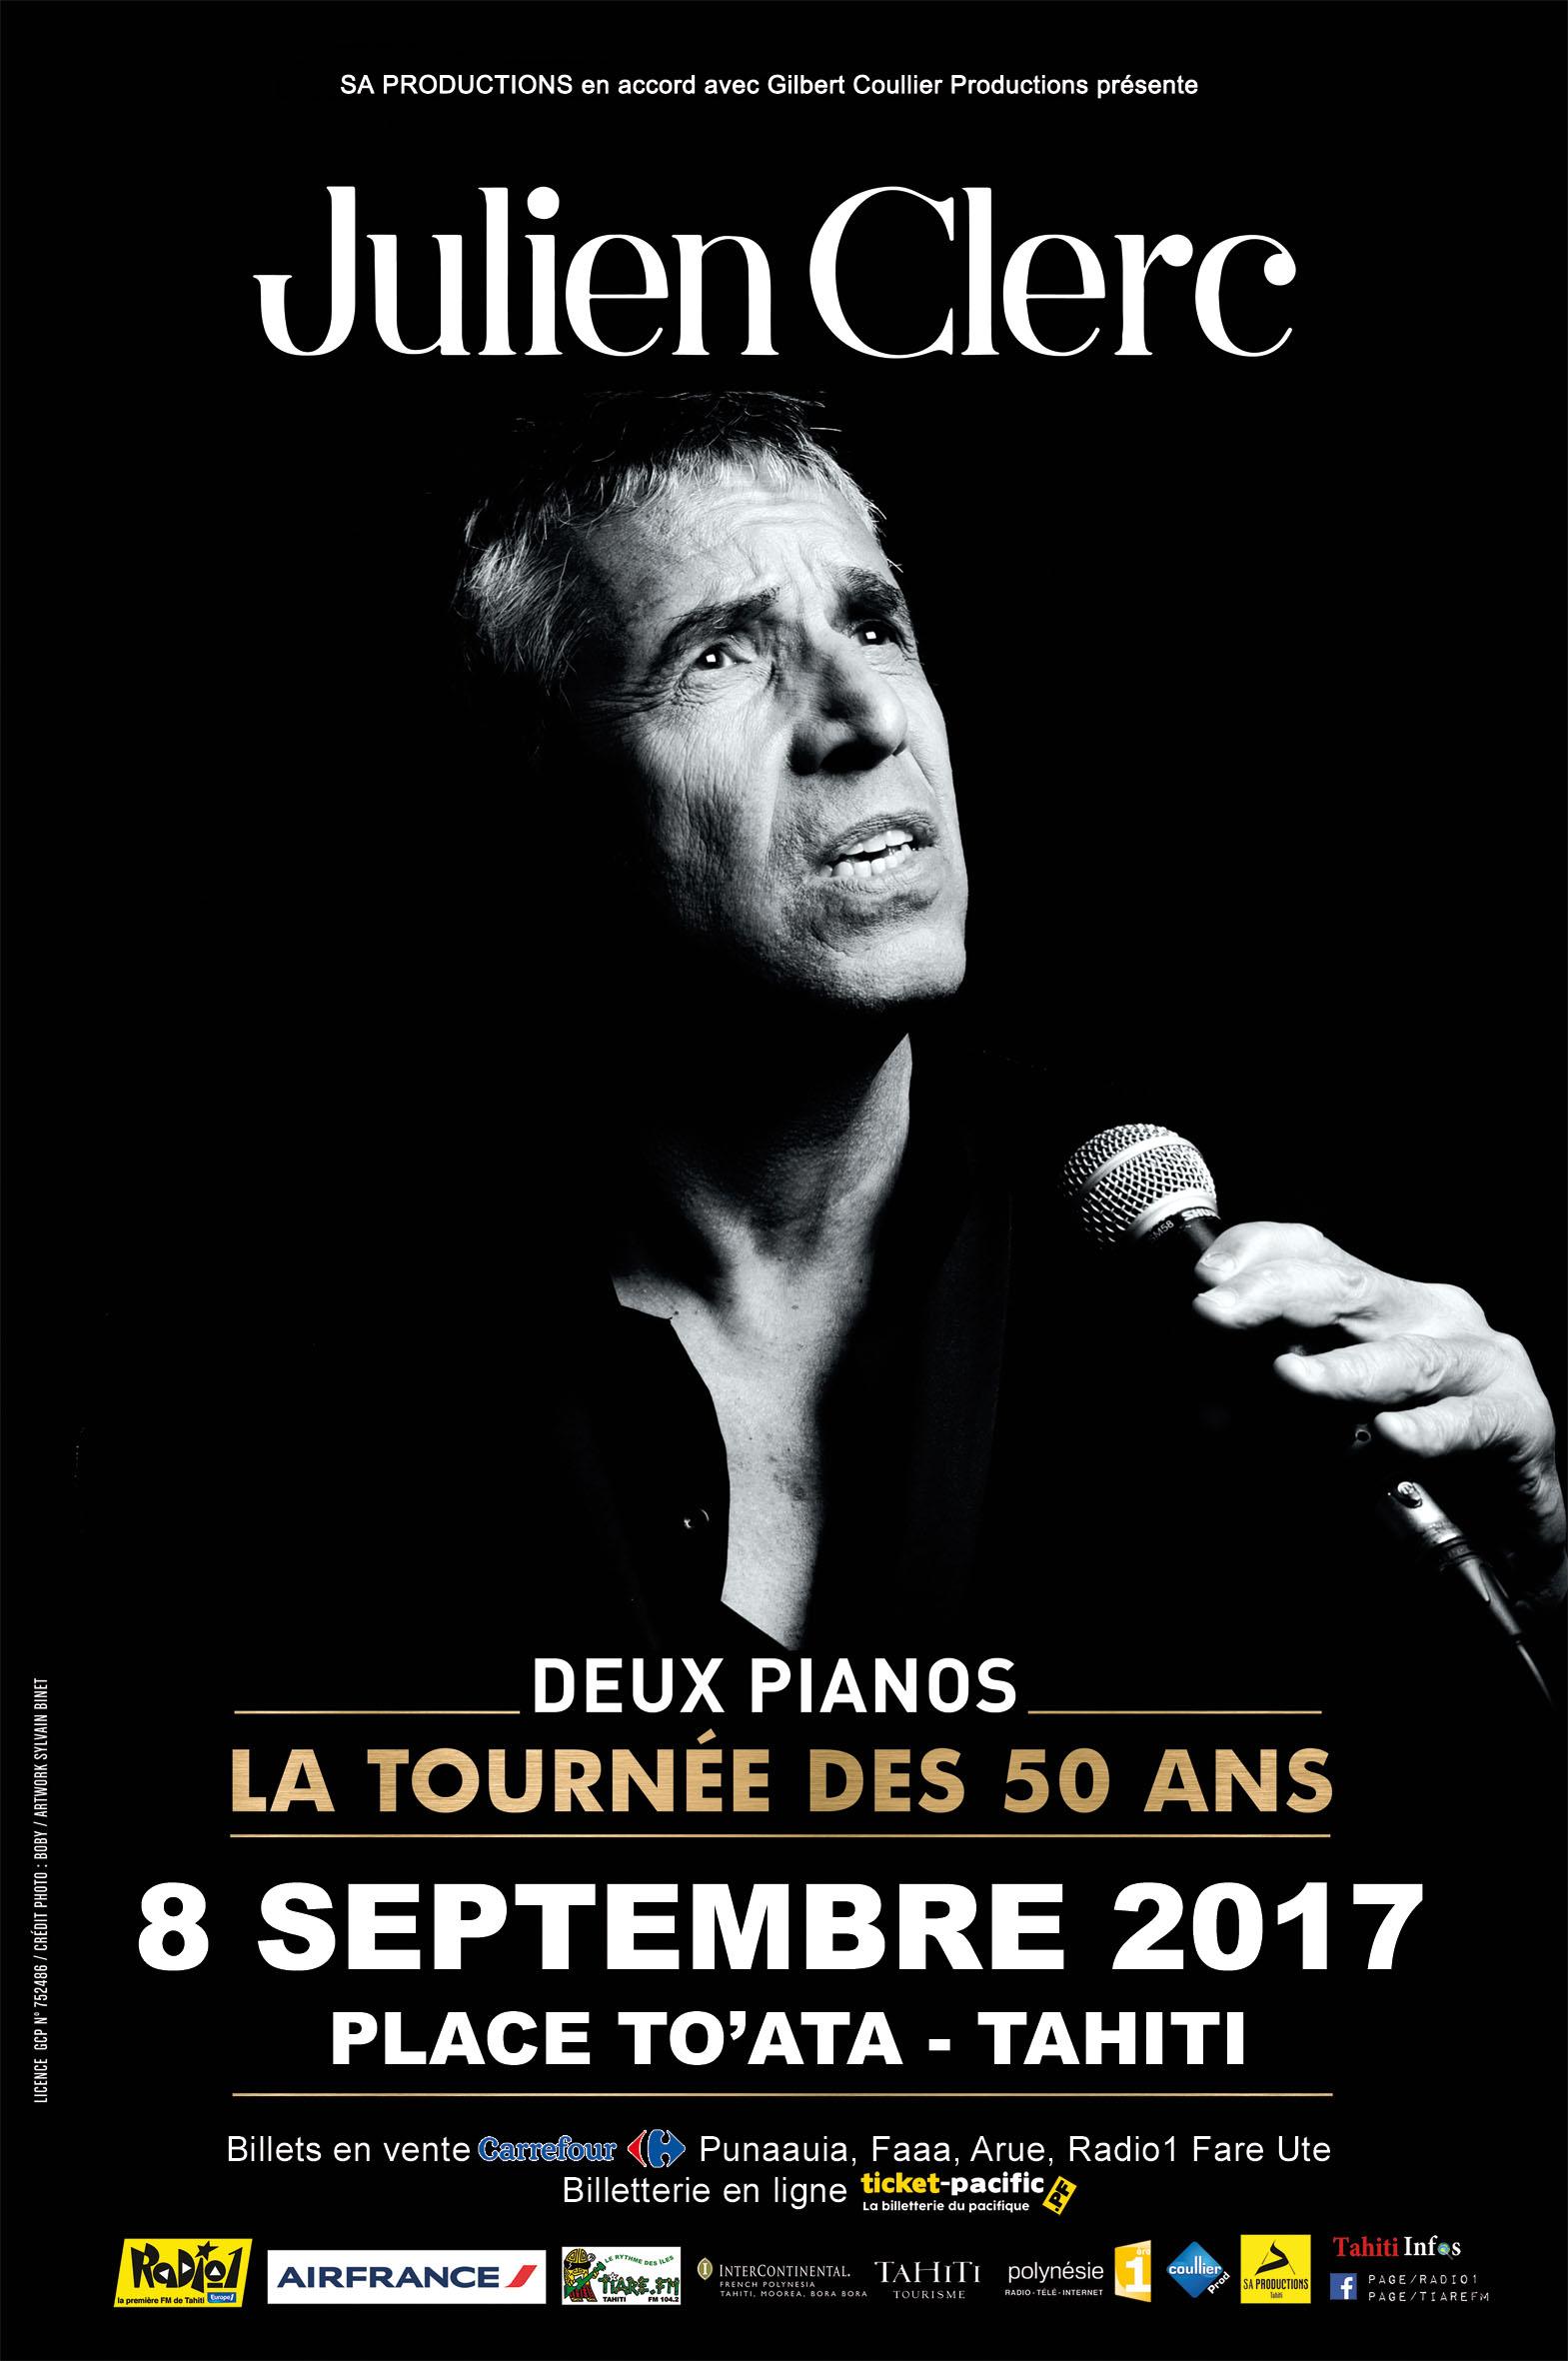 """Concert de Julien Clerc : """"La tournée des 50 ans"""" passera par Tahiti le 8 septembre"""